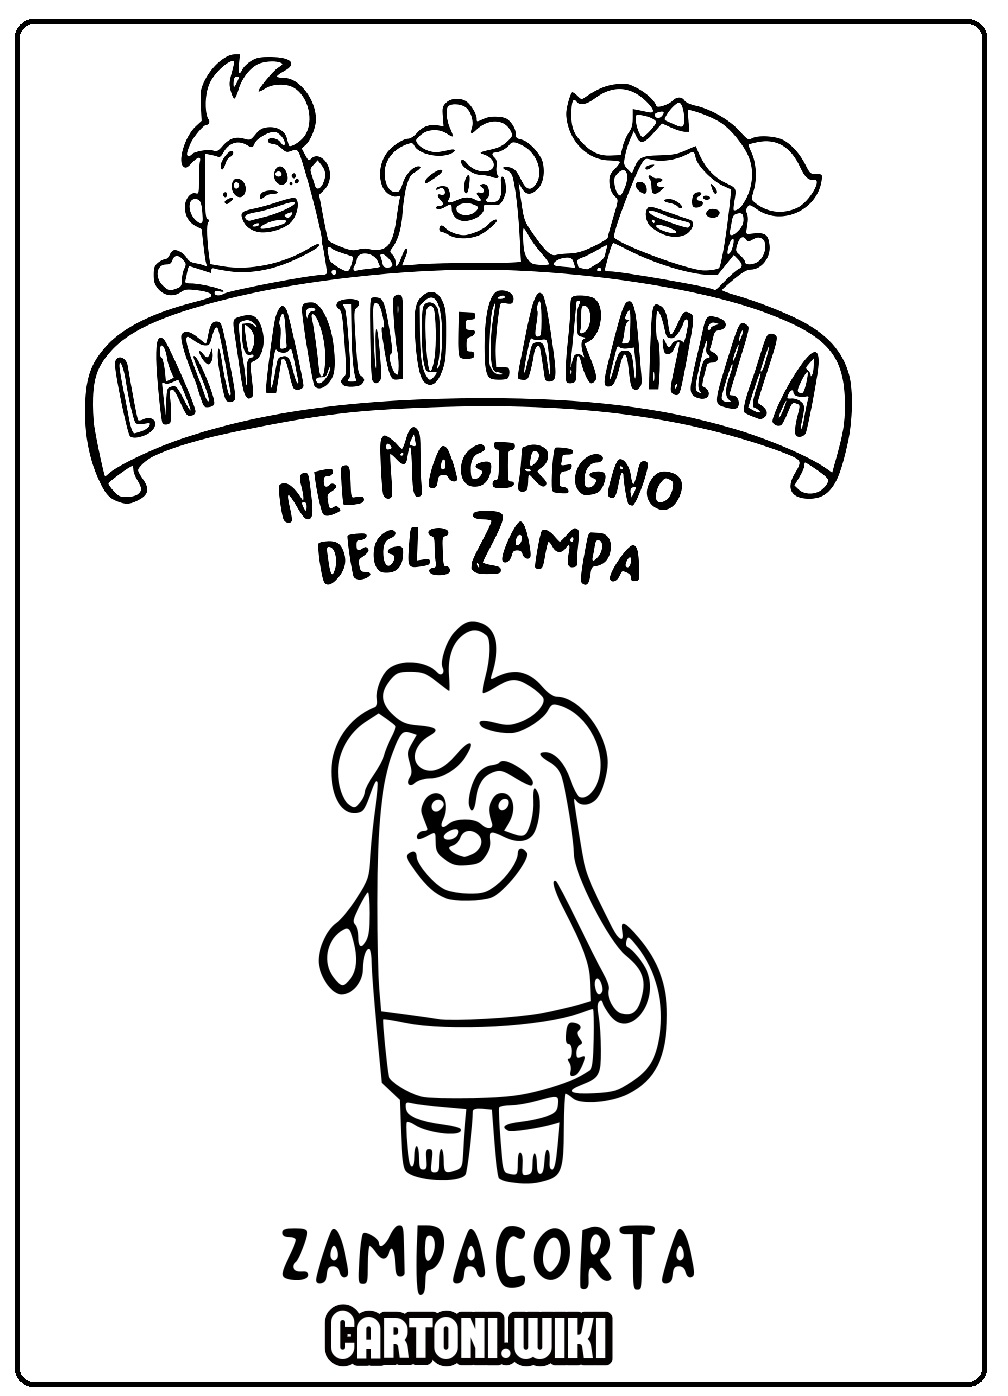 Colora Zampacorta di Lampadino e Caramella - Cartoni animati